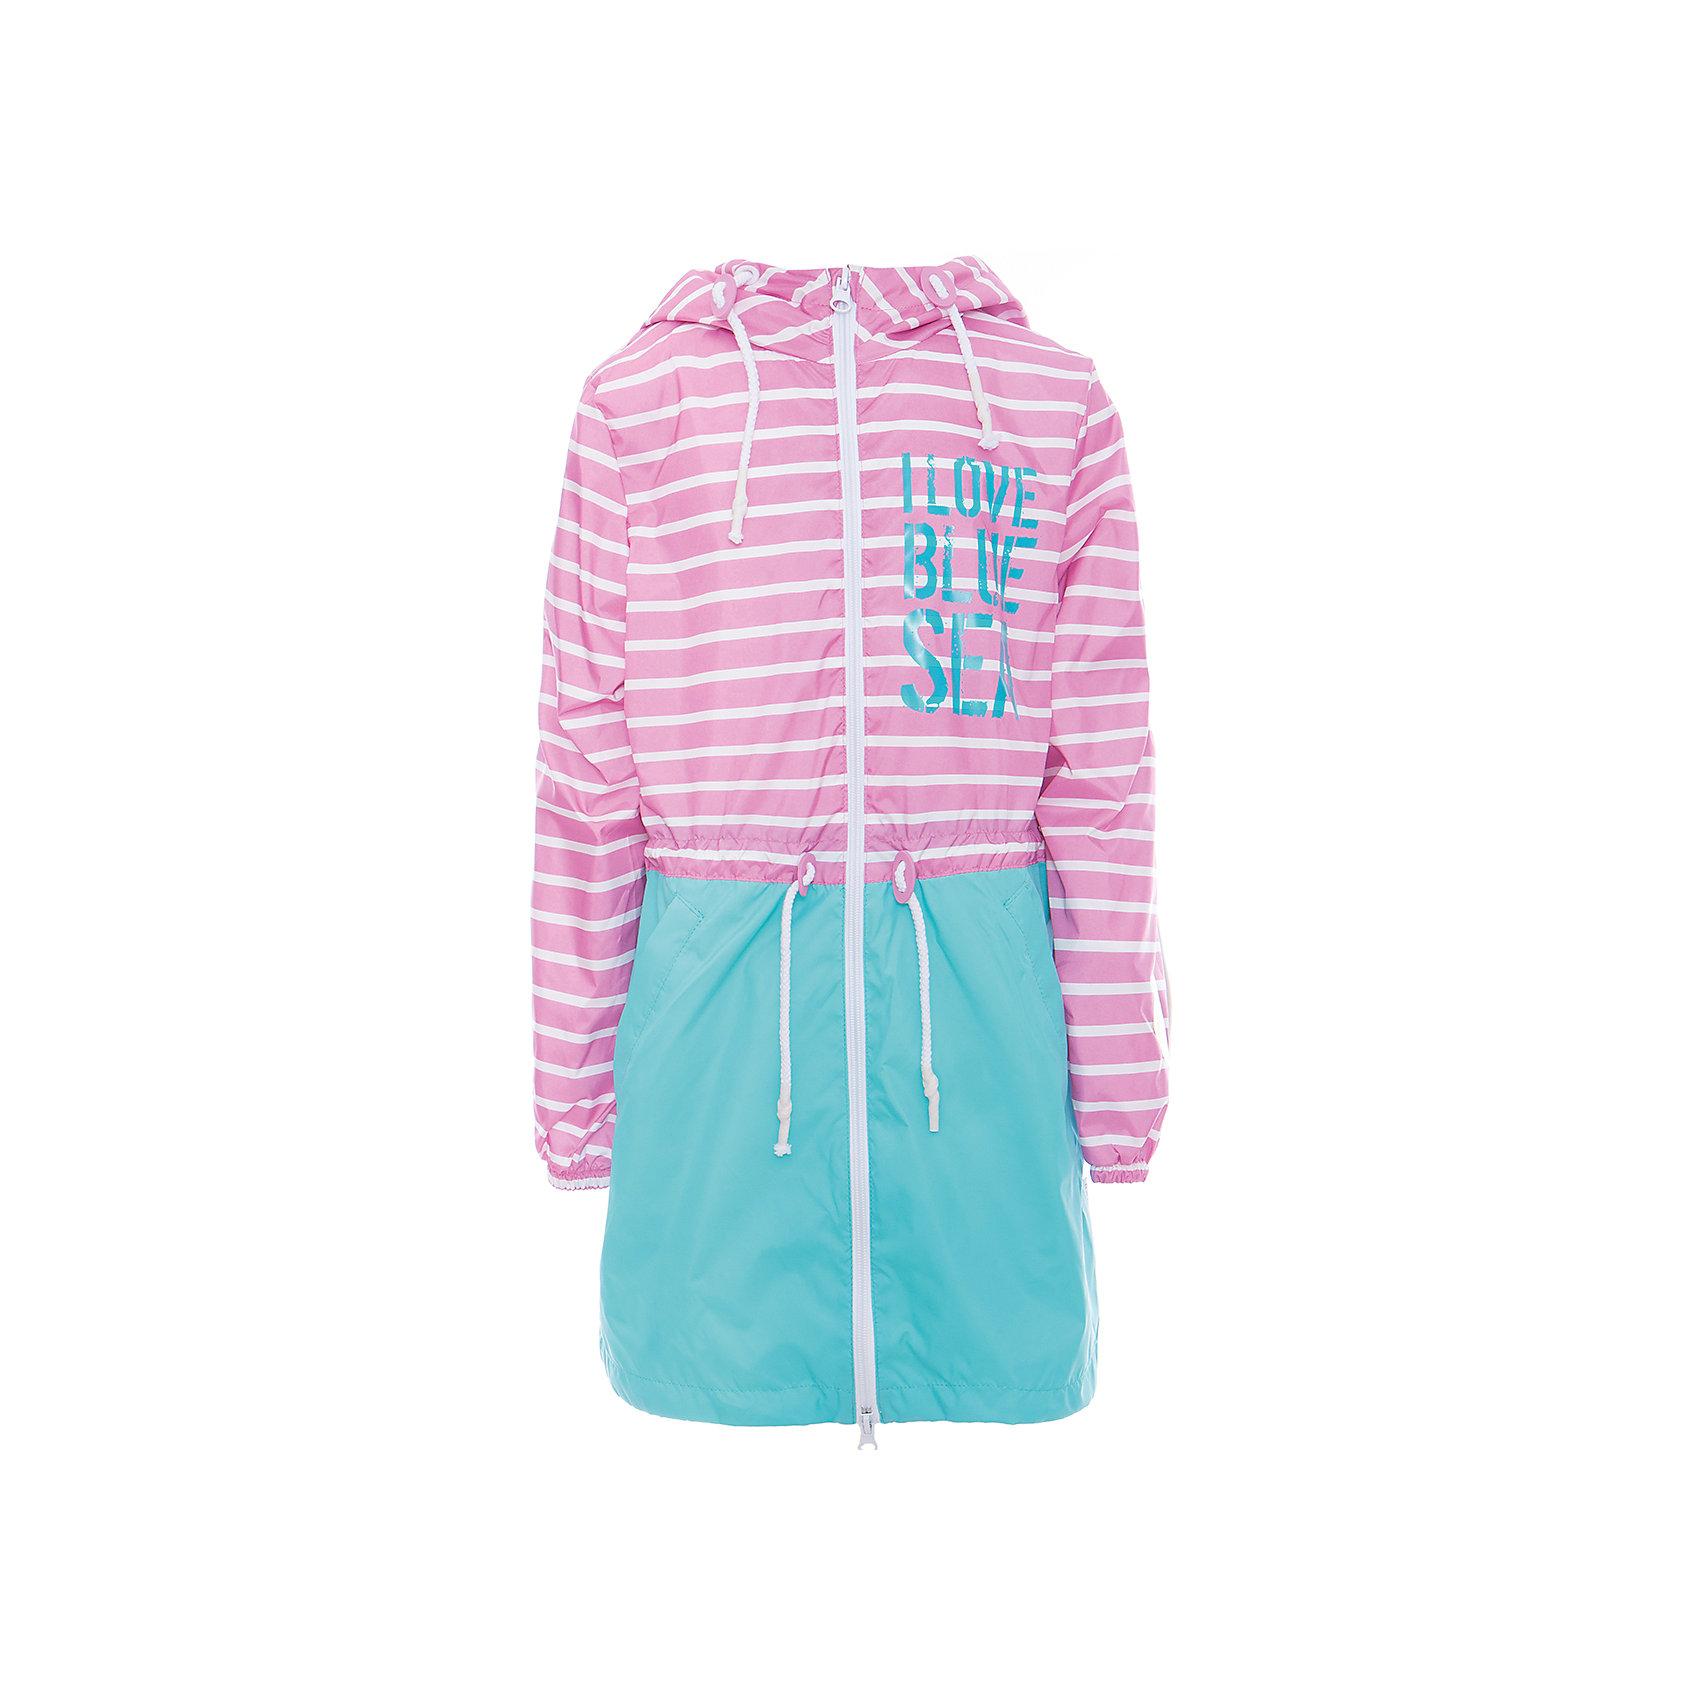 Плащ для девочки BOOM by OrbyВесенняя капель<br>Характеристики товара:<br><br>• цвет: розовый/бирюзовый<br>• состав: верх - таффета, подкладка - полиэстер, флис, без утеплителя<br>• температурный режим: от +7°до +15°С<br>• демисезон<br>• капюшон<br>• застежка - молния<br>• декорирован принт<br>• утяжка в капюшоне<br>• шнурок в поясе<br>• комфортная посадка<br>• страна производства: Российская Федерация<br>• страна бренда: Российская Федерация<br>• коллекция: весна-лето 2017<br><br>Такой плащ - универсальный вариант для теплого межсезонья с постоянно меняющейся погодой. Эта модель - модная и удобная одновременно! Изделие отличается стильным ярким дизайном. Плащ хорошо сидит по фигуре, отлично сочетается с различным низом. Вещь была разработана специально для детей.<br><br>Одежда от российского бренда BOOM by Orby уже завоевала популярностью у многих детей и их родителей. Вещи, выпускаемые компанией, качественные, продуманные и очень удобные. Для производства коллекций используются только безопасные для детей материалы. Спешите приобрести модели из новой коллекции Весна-лето 2017!<br><br>Плащ для девочки от бренда BOOM by Orby можно купить в нашем интернет-магазине.<br><br>Ширина мм: 356<br>Глубина мм: 10<br>Высота мм: 245<br>Вес г: 519<br>Цвет: розовый<br>Возраст от месяцев: 144<br>Возраст до месяцев: 156<br>Пол: Женский<br>Возраст: Детский<br>Размер: 158,104,110,92,98,116,122,128,134,140,146,152<br>SKU: 5343877